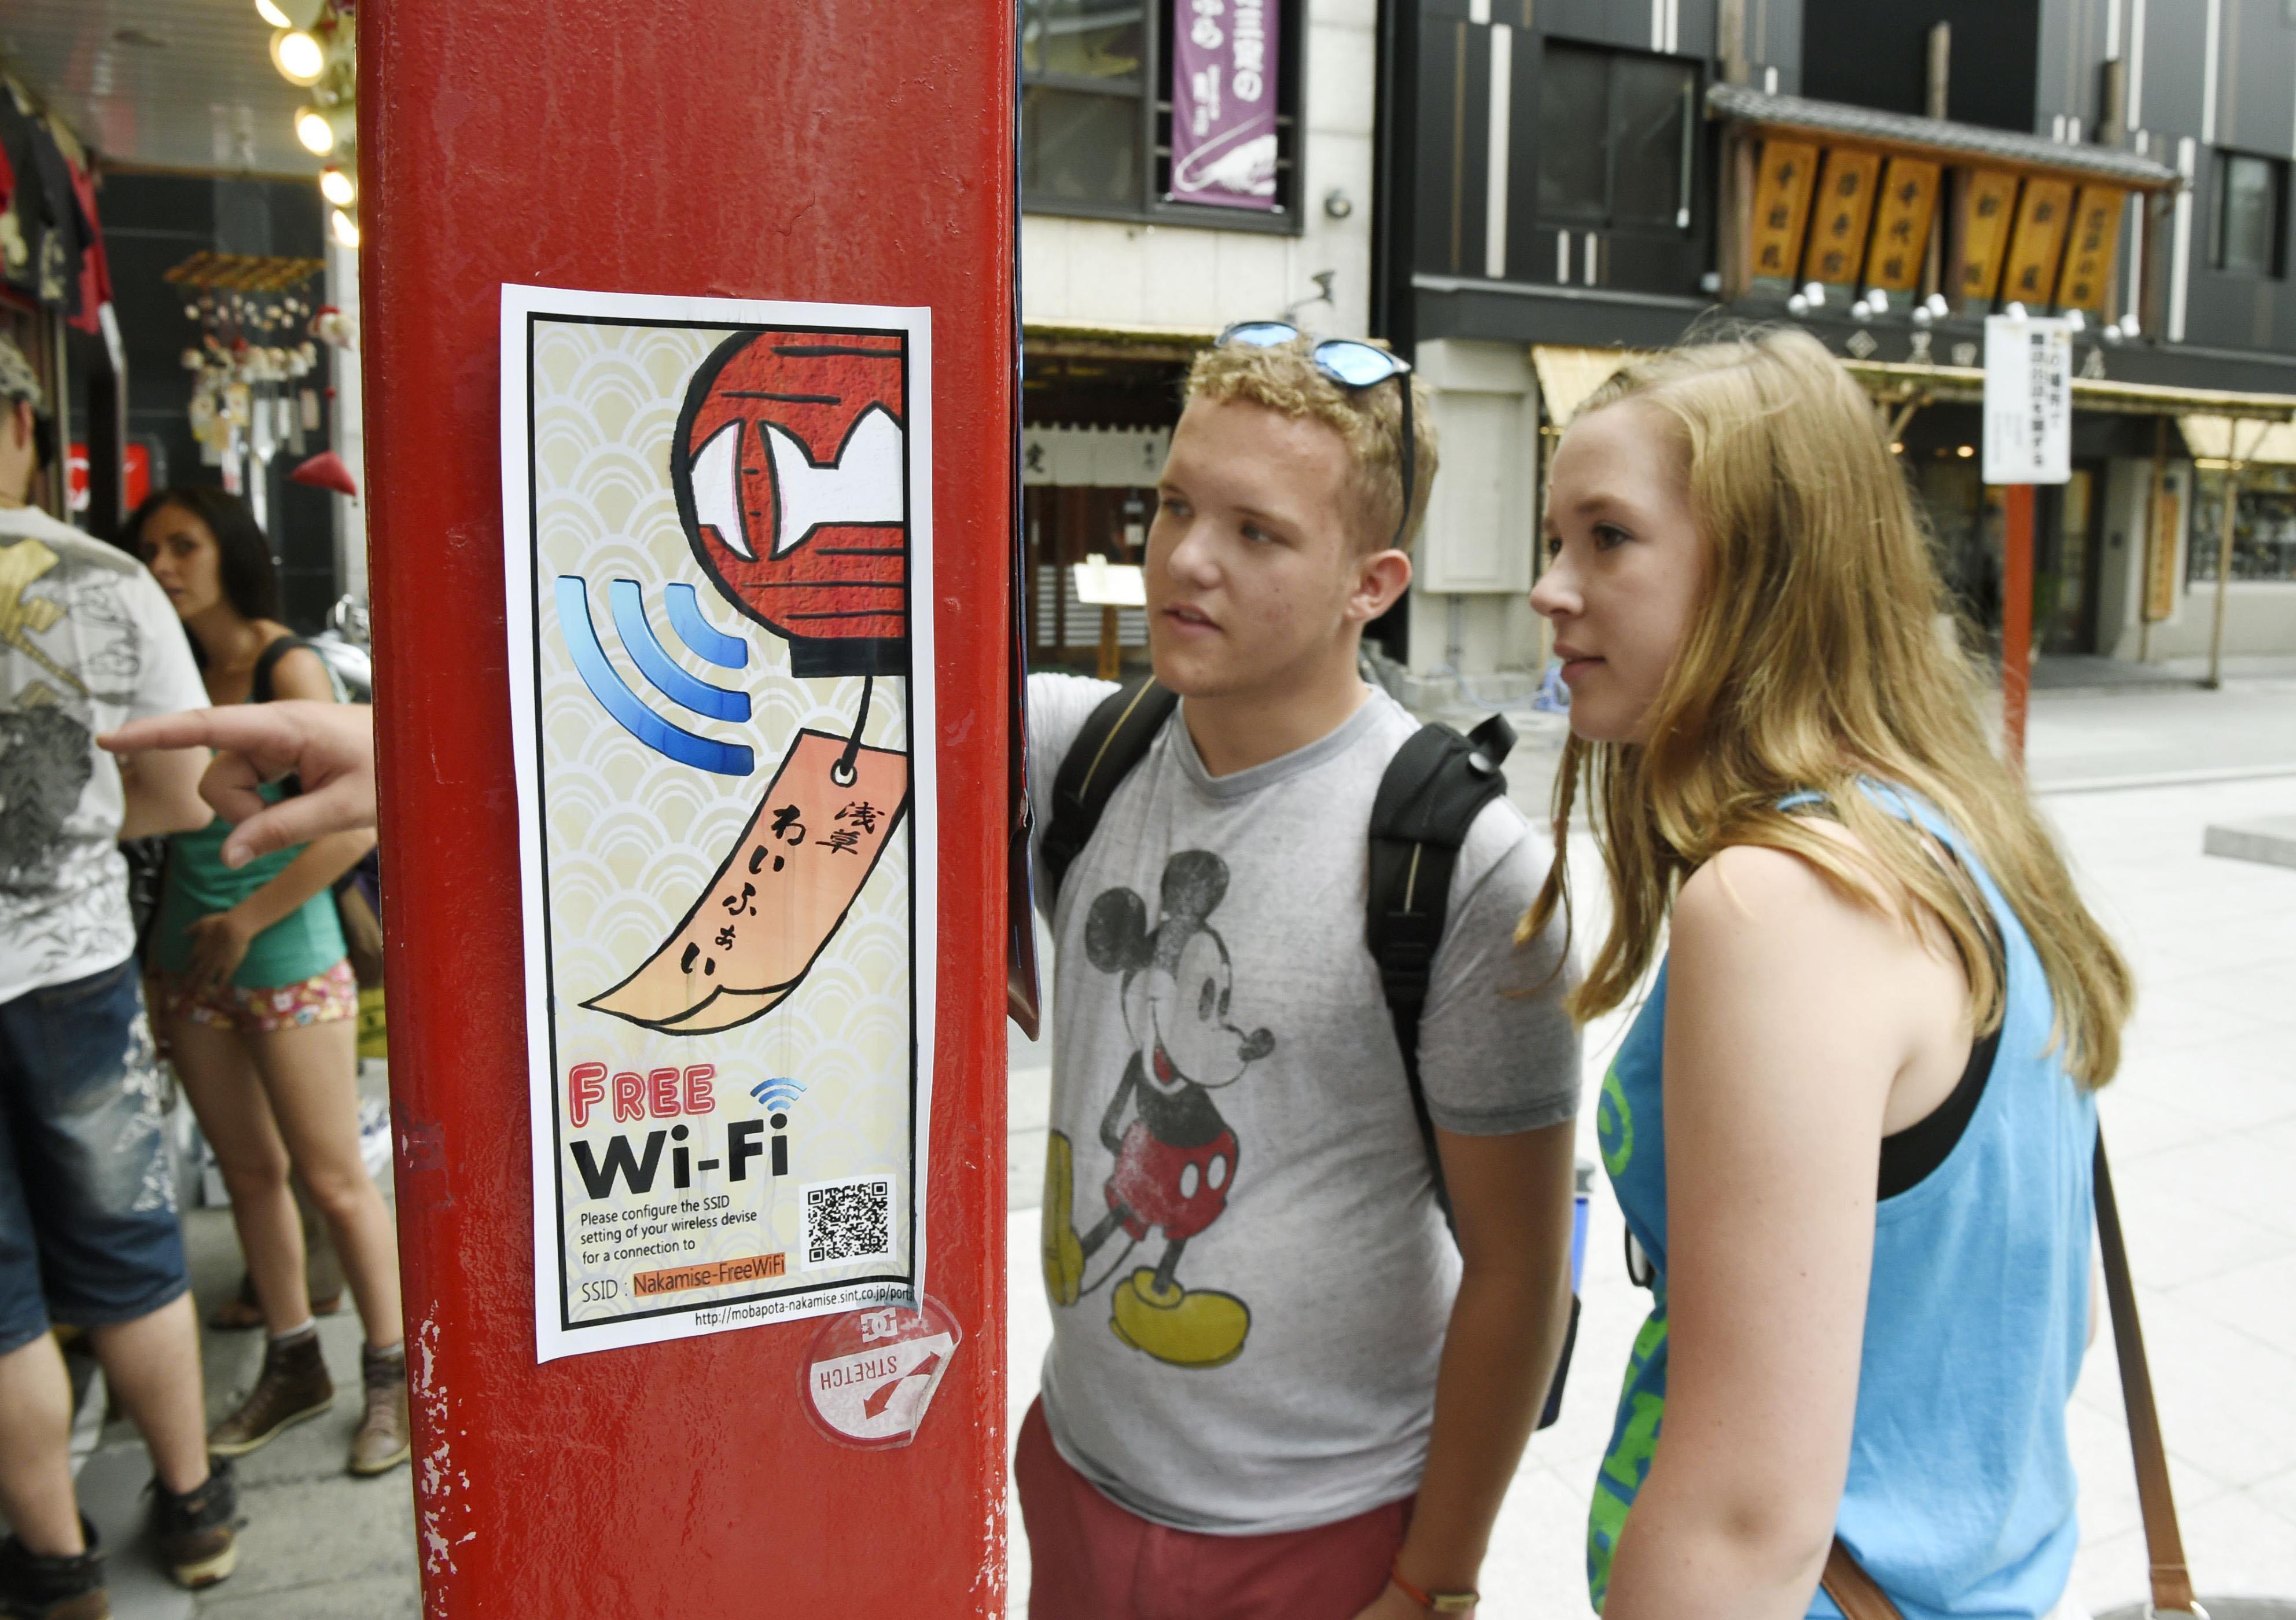 Не Wi-Fi единым: опасности современных беспроводных сетей за границей